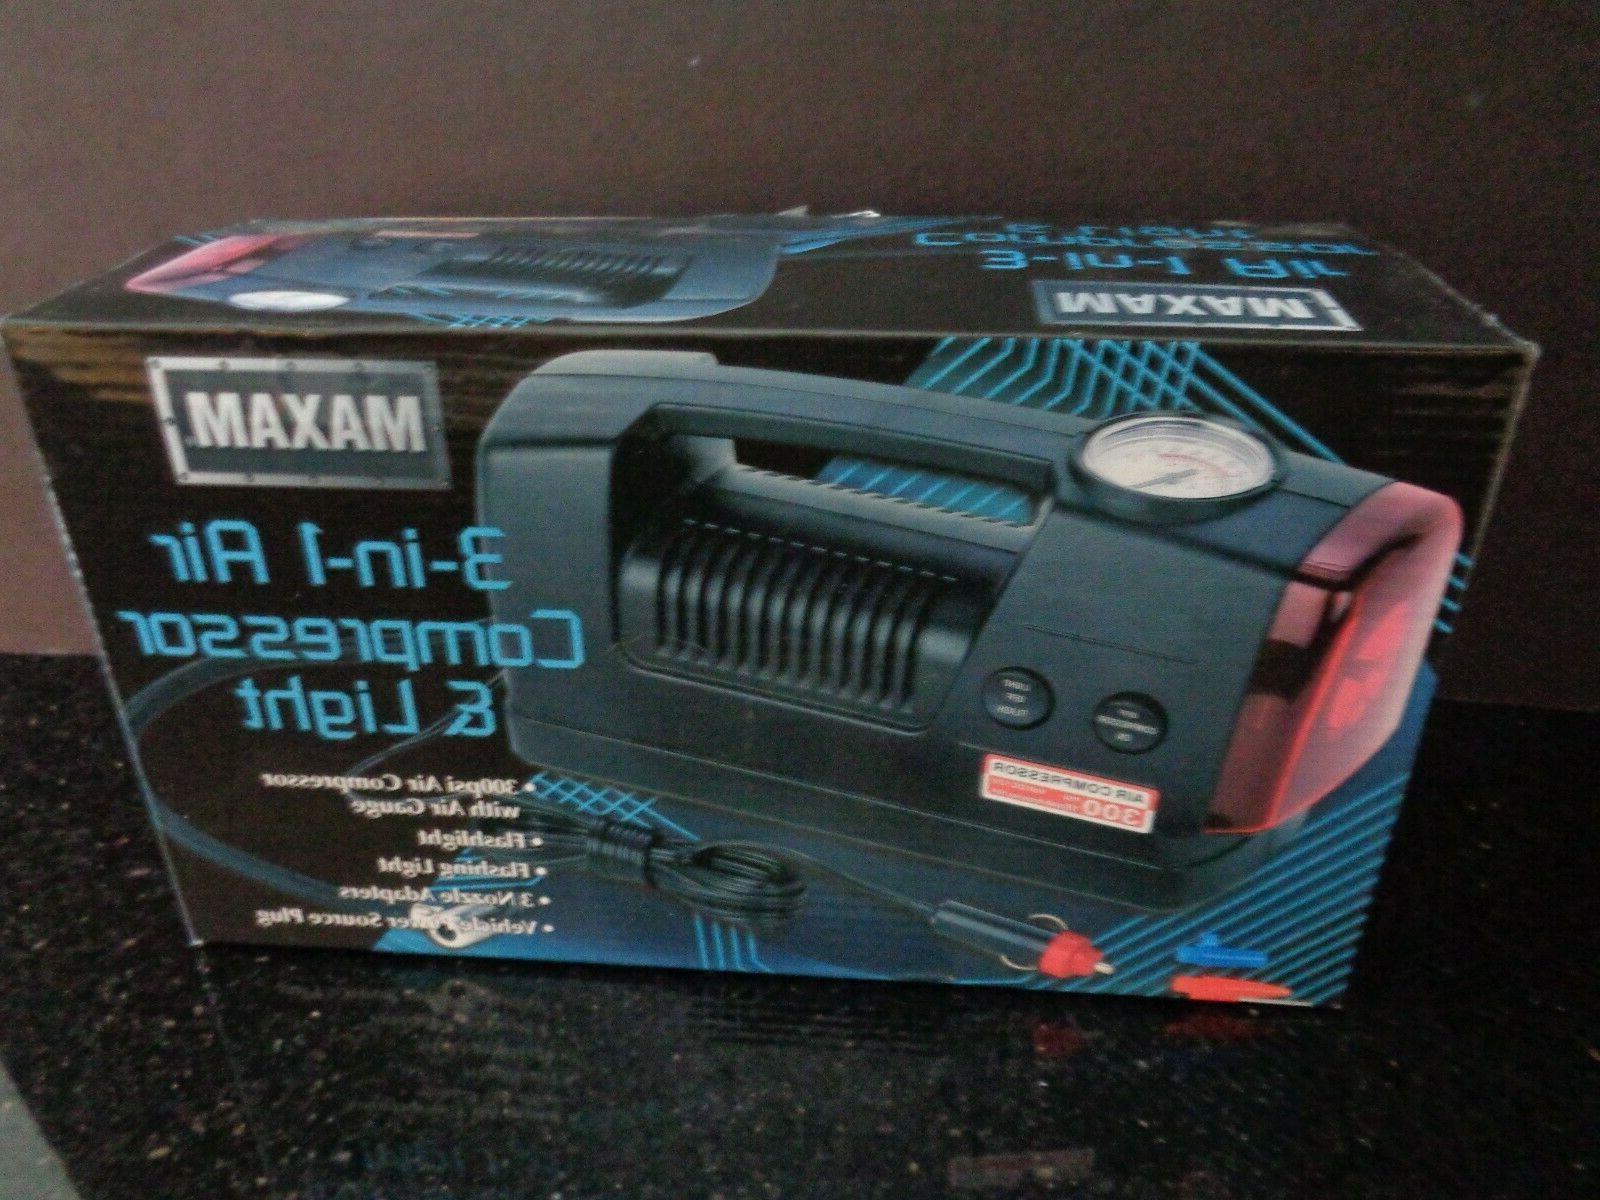 Maxam New